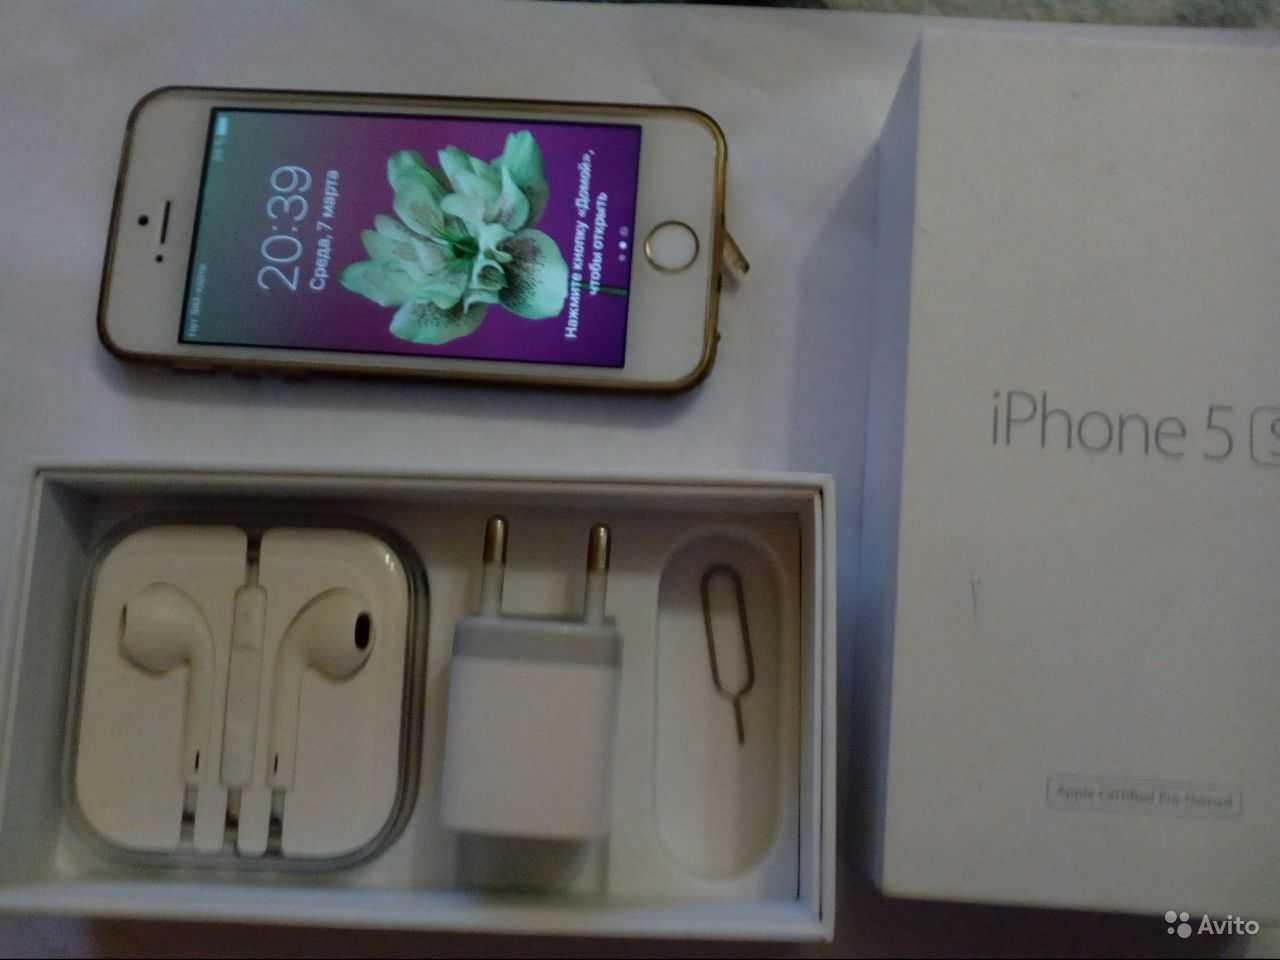 Специалисты ранее сообщали что Samsung могут последовать по примеру компании Apple и откажутся от зарядных устройств в комплекте своих гаджетов Стоит напомнить что